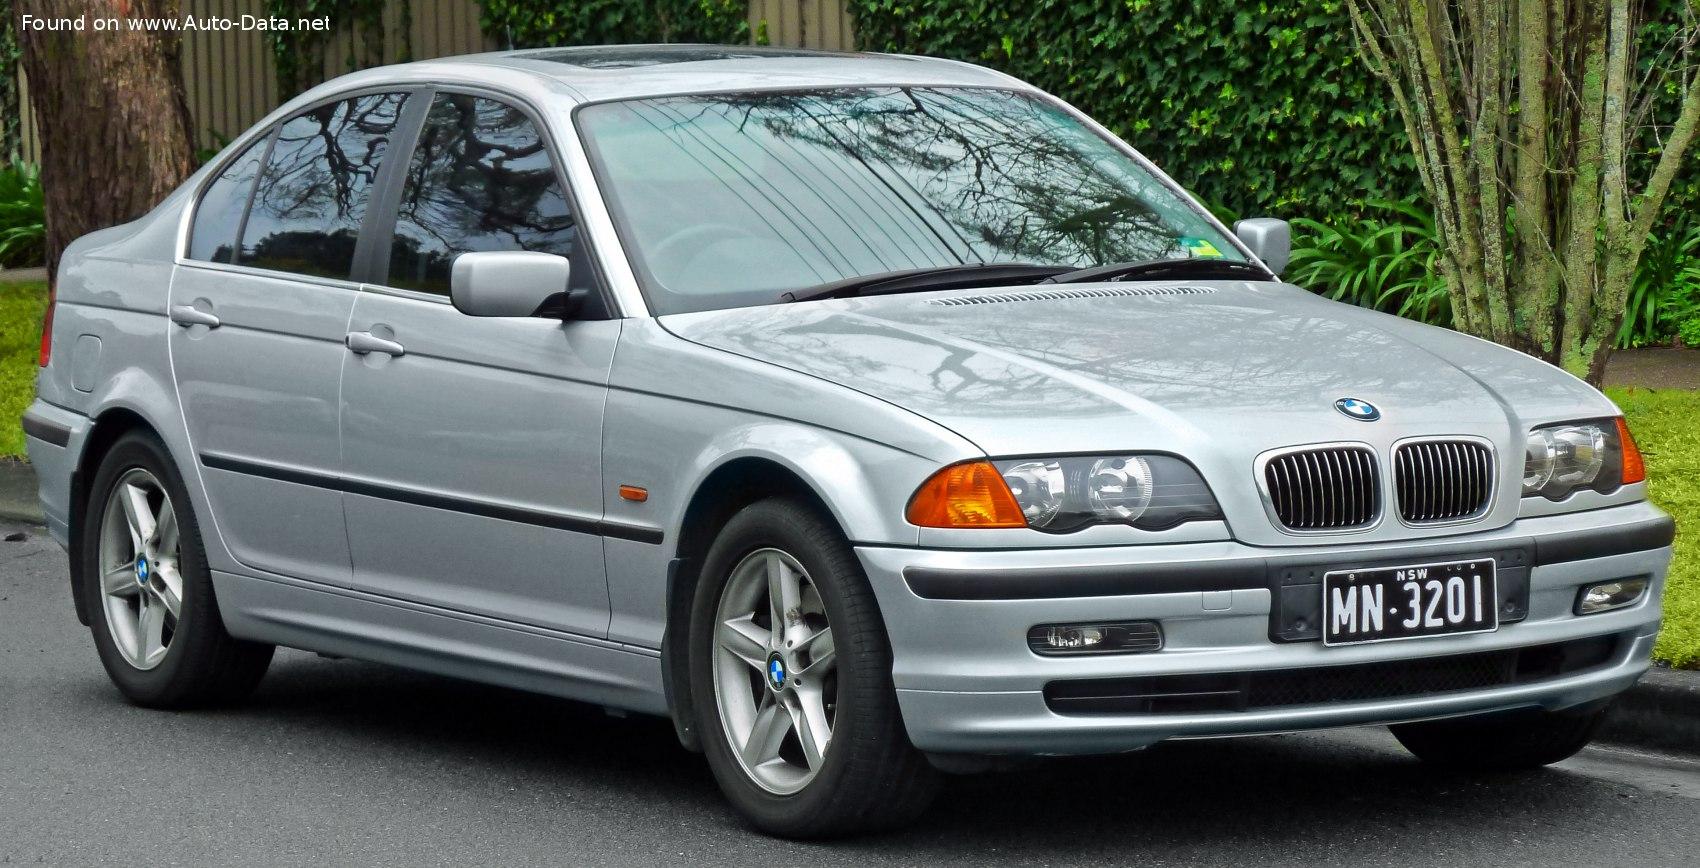 1998 Bmw 3 Series Sedan E46 328i 193 Hp Technical Specs Data Fuel Consumption Dimensions